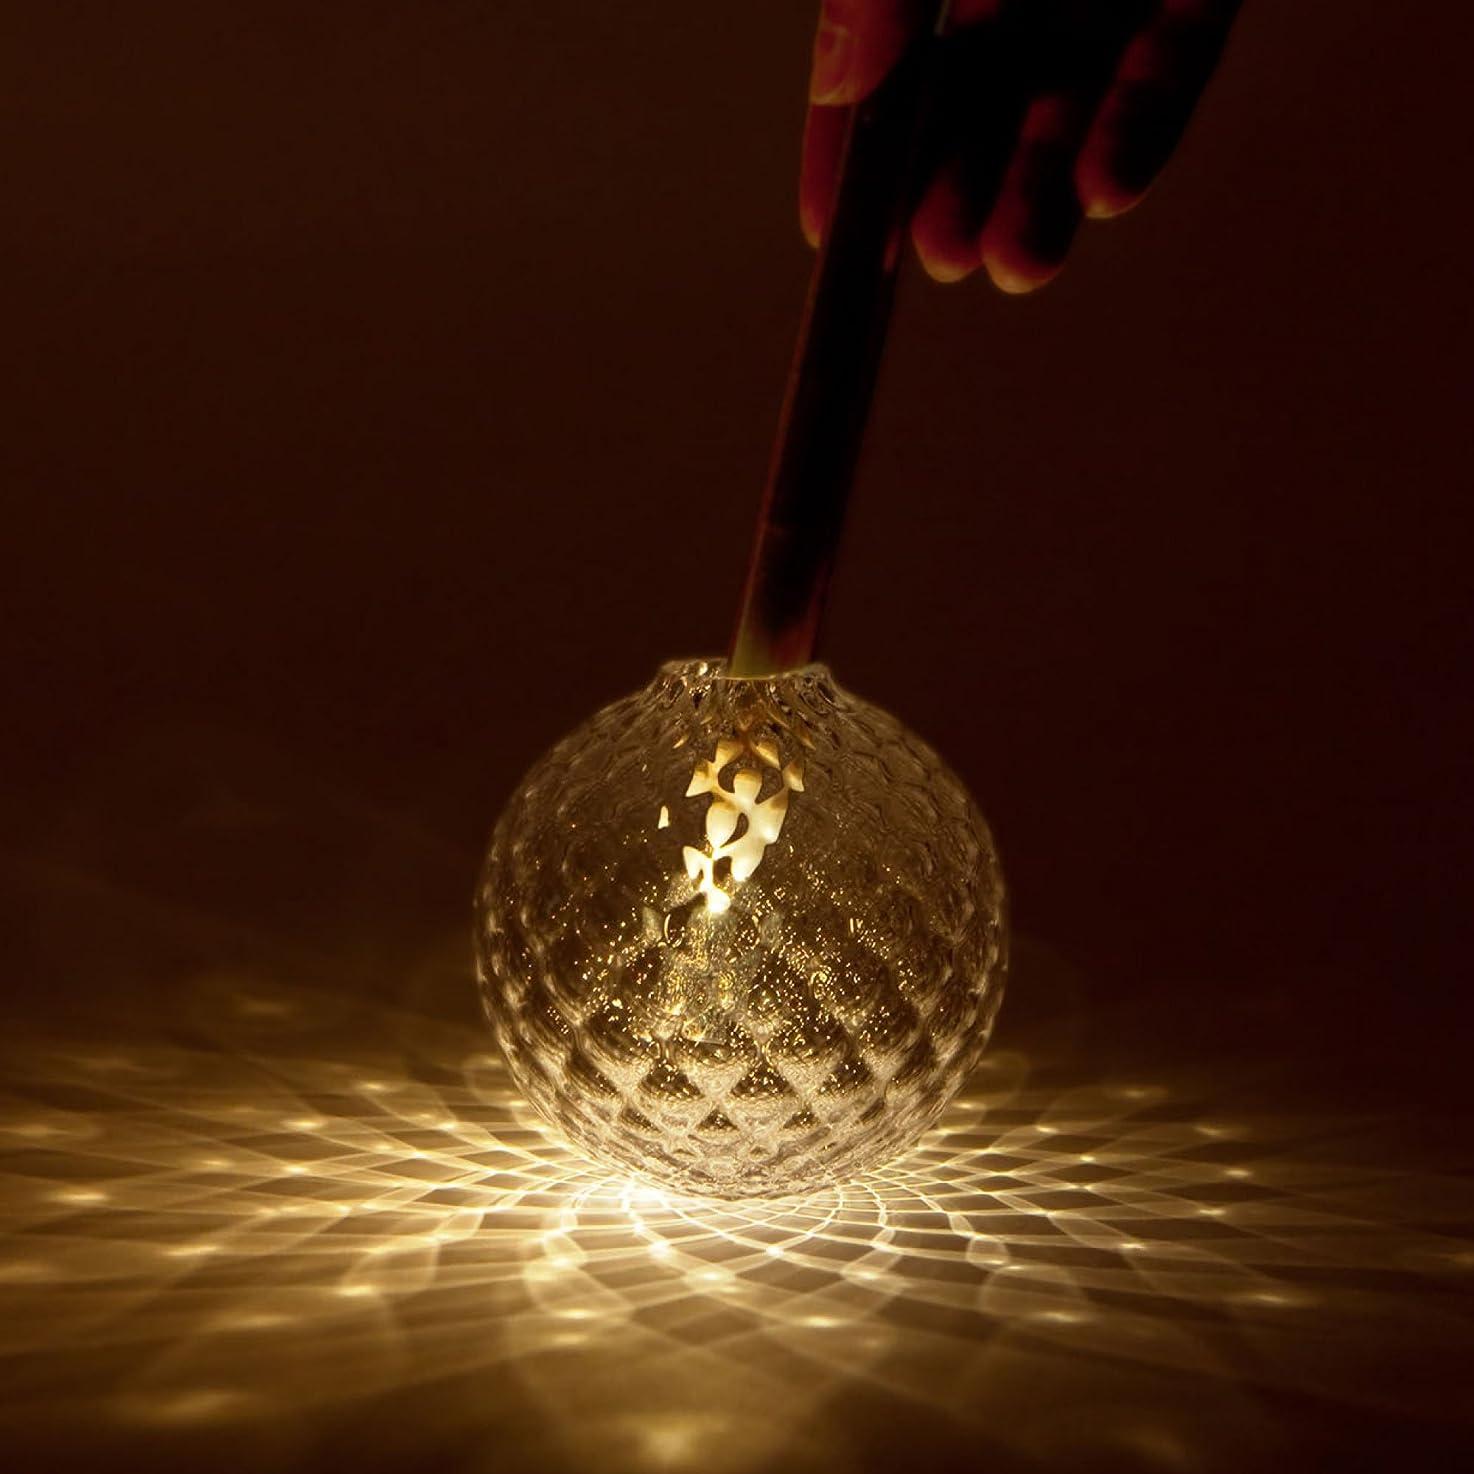 焼くまとめる領域Kvel (クベル) - 音を使って「光の花」を咲かせる LEDキャンドルライト - 本体